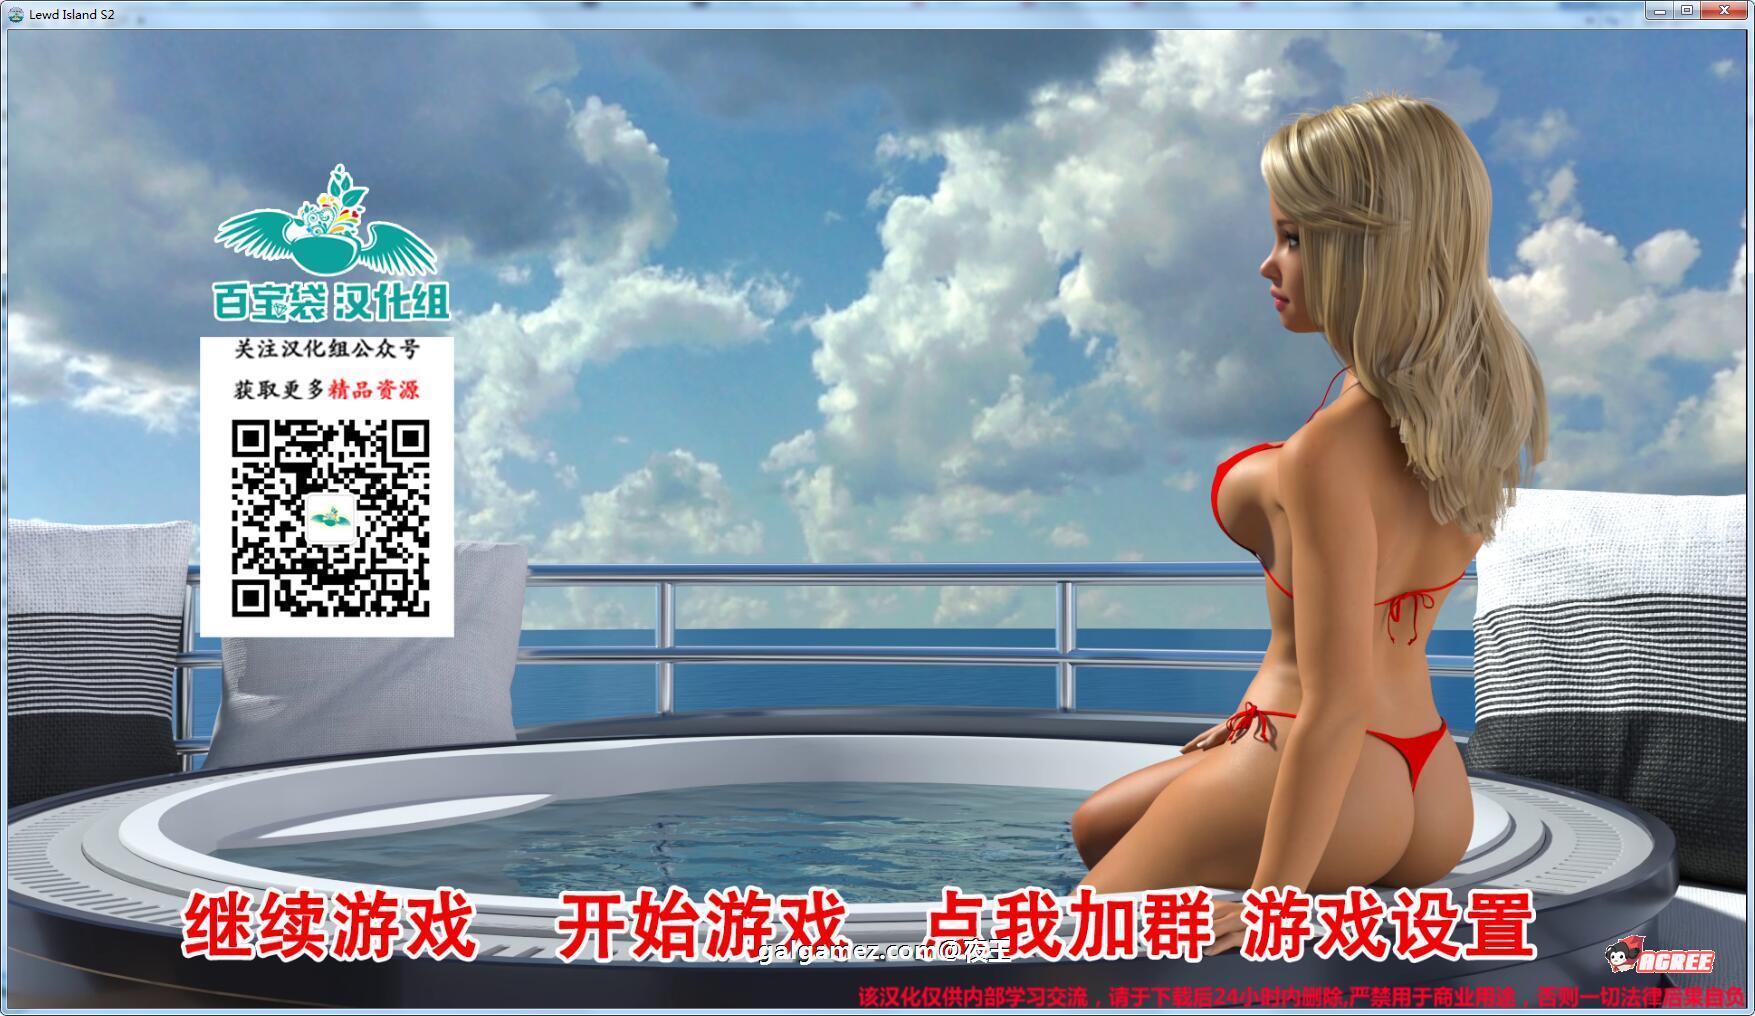 【欧美SLG/汉化/全动态】父女乱O岛 第二季D11 精翻汉化版+全CG【更新/PC+安卓/4G】